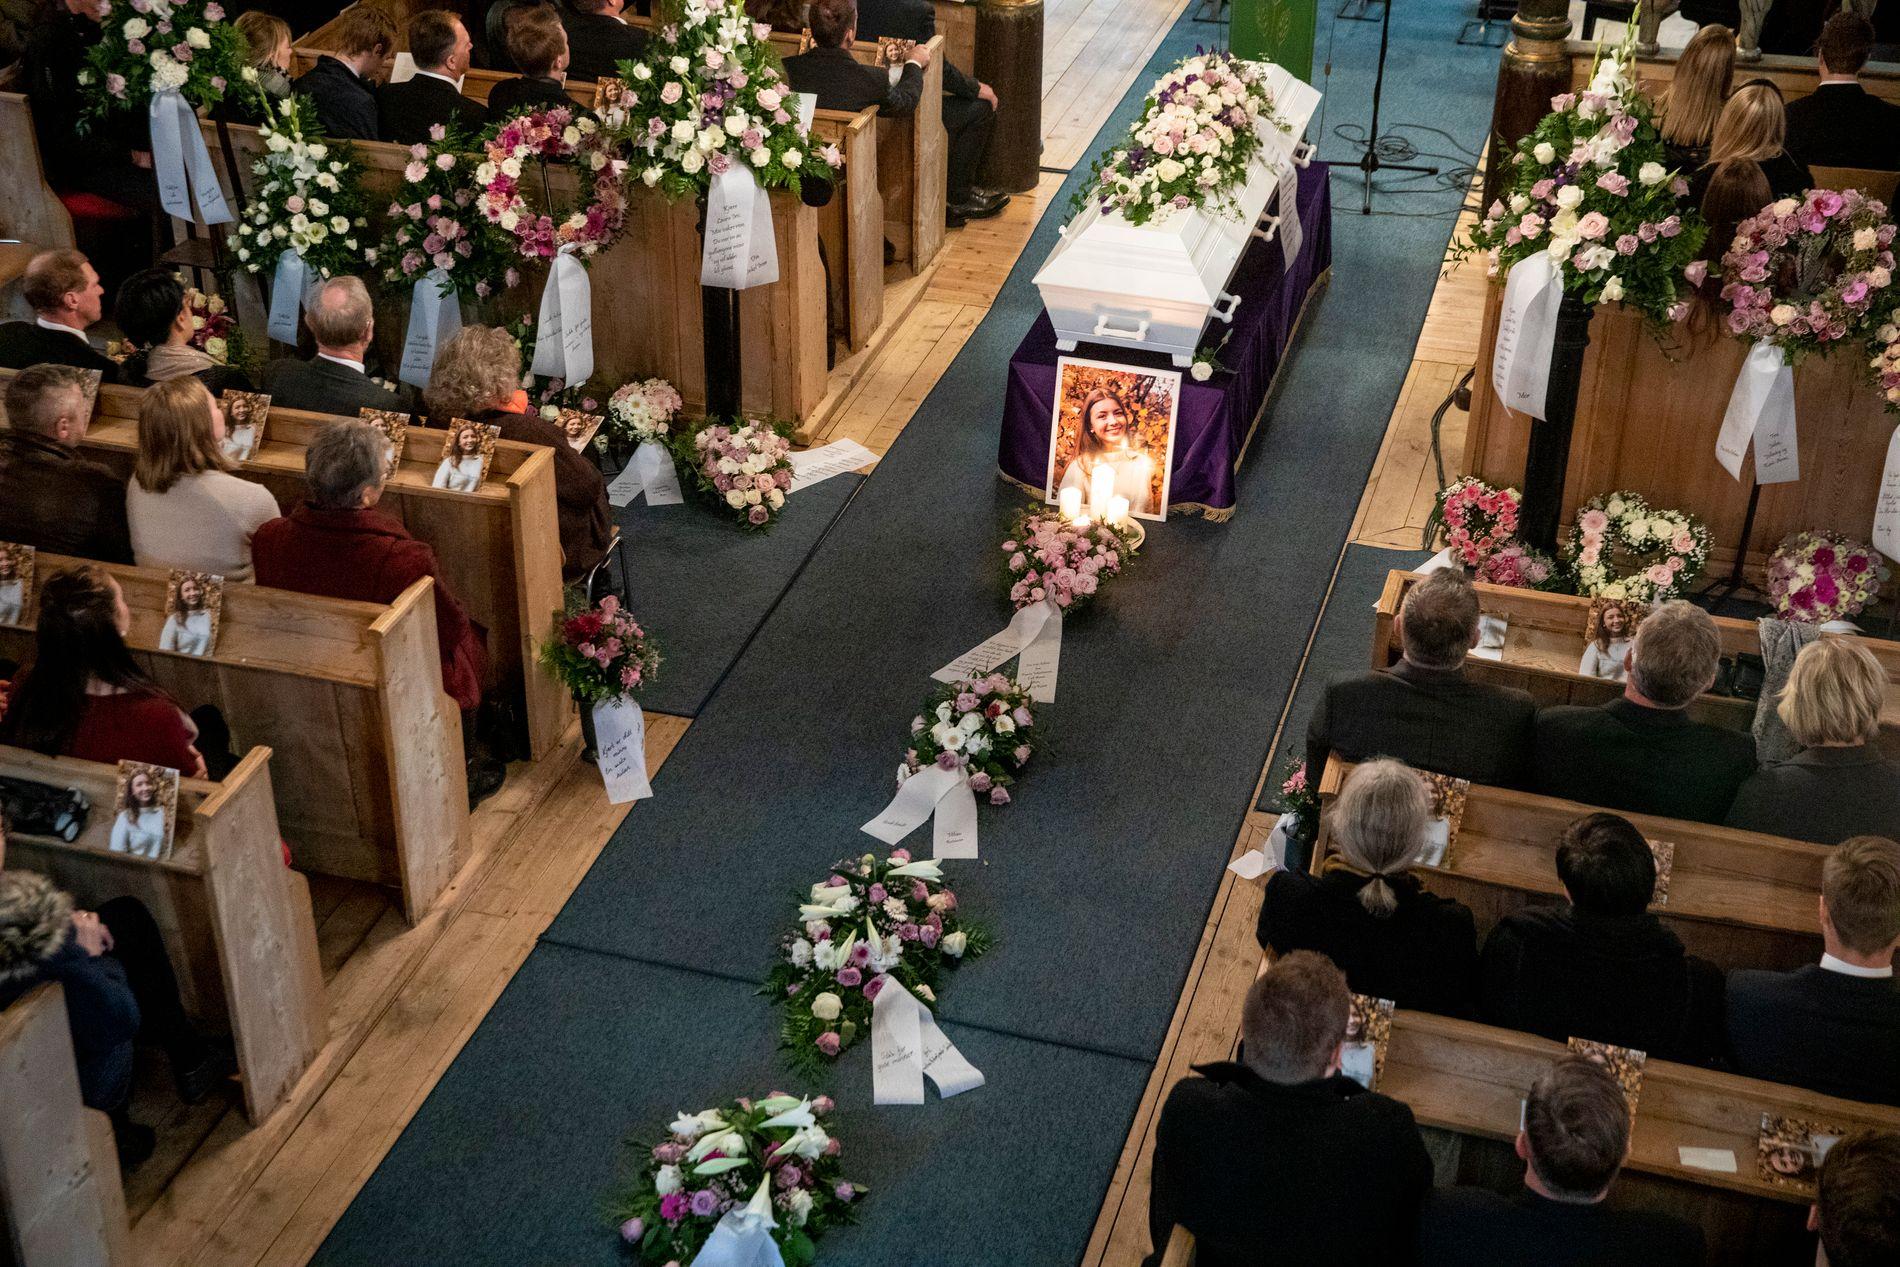 GRAVLAGT: 16 år gamle Laura Iris Haugen ble gravlagt fra Sødorp kirke i Nord-Fron onsdag.